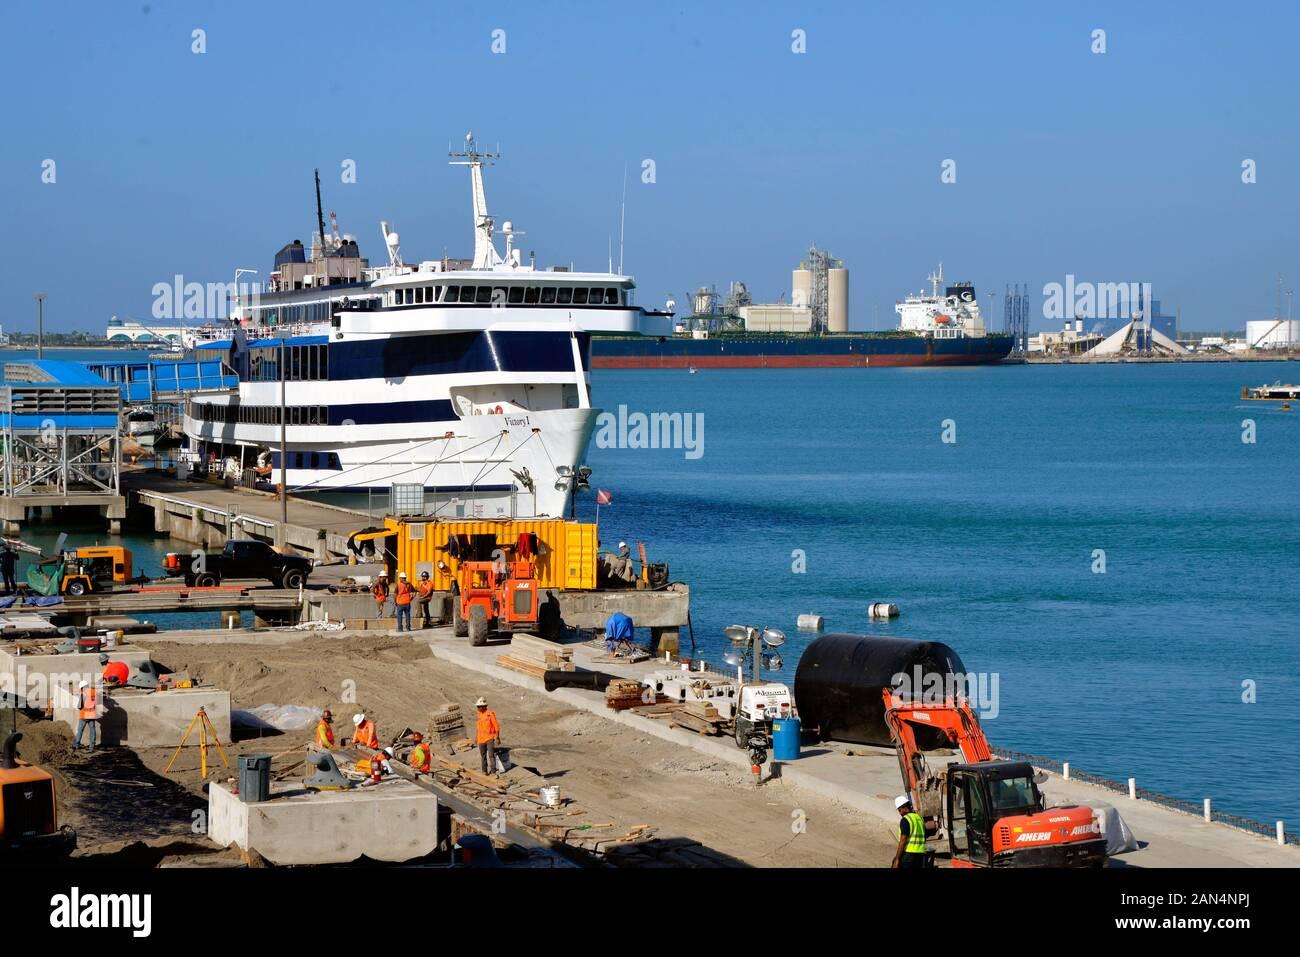 carnival cruise may 2020